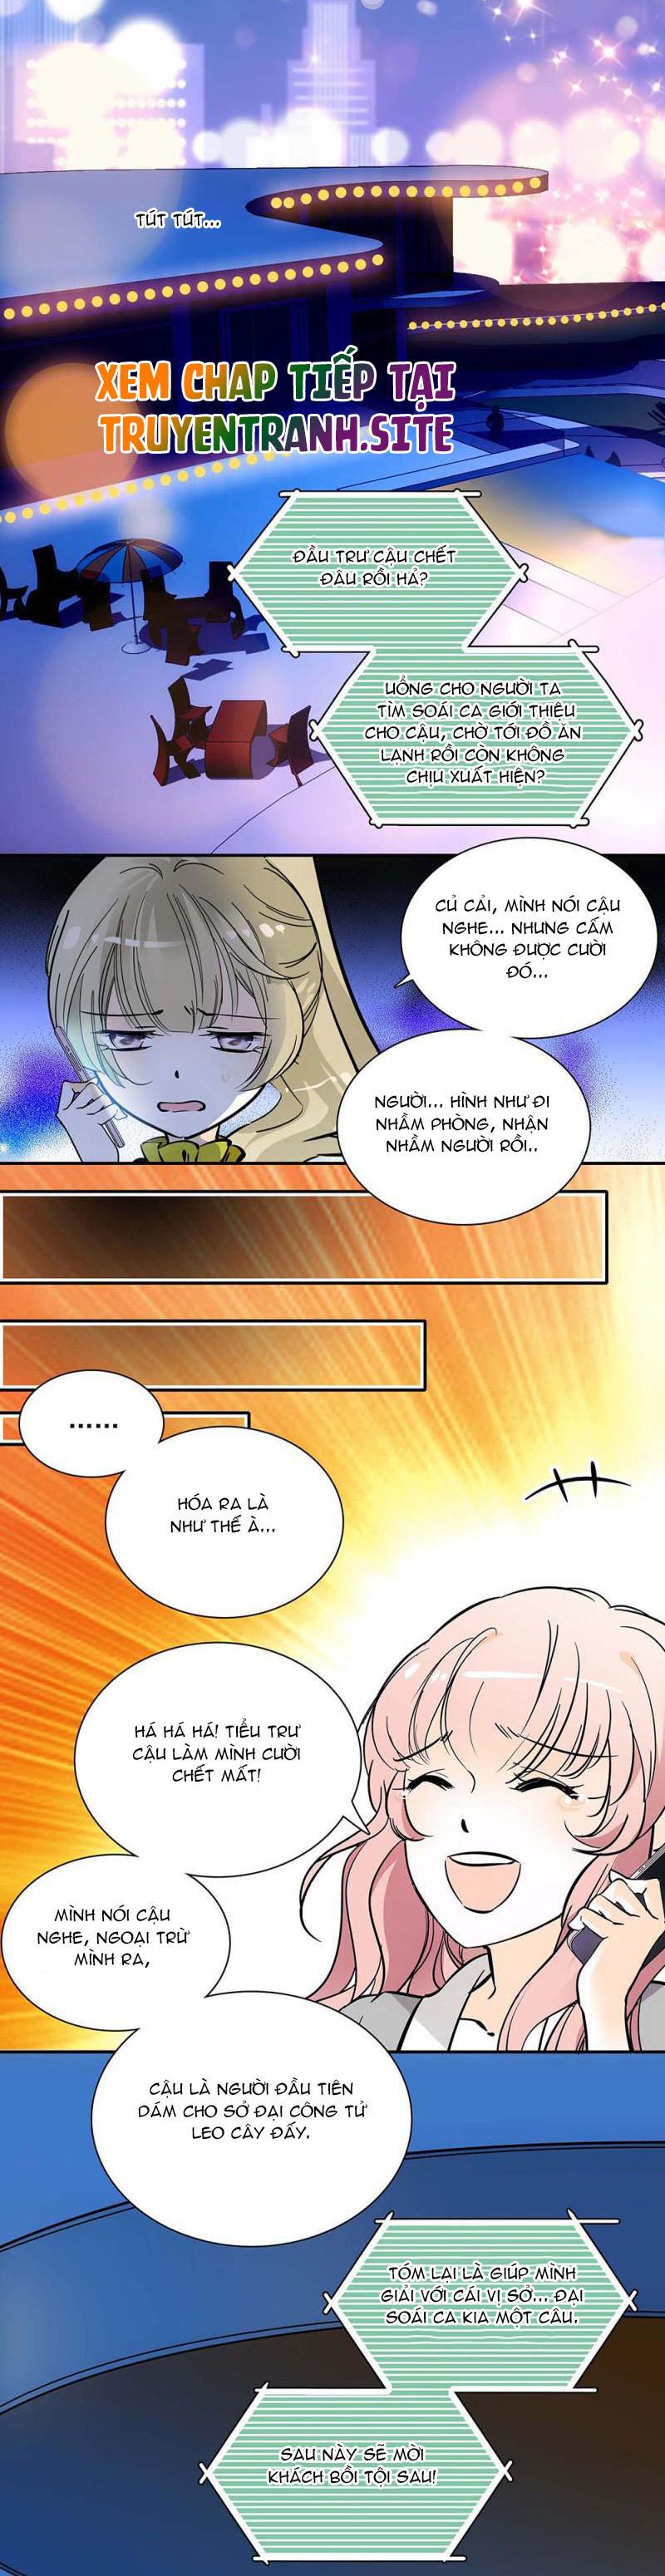 Tịch Nhan Hoa Nở Chỉ Vì Em Chap 4